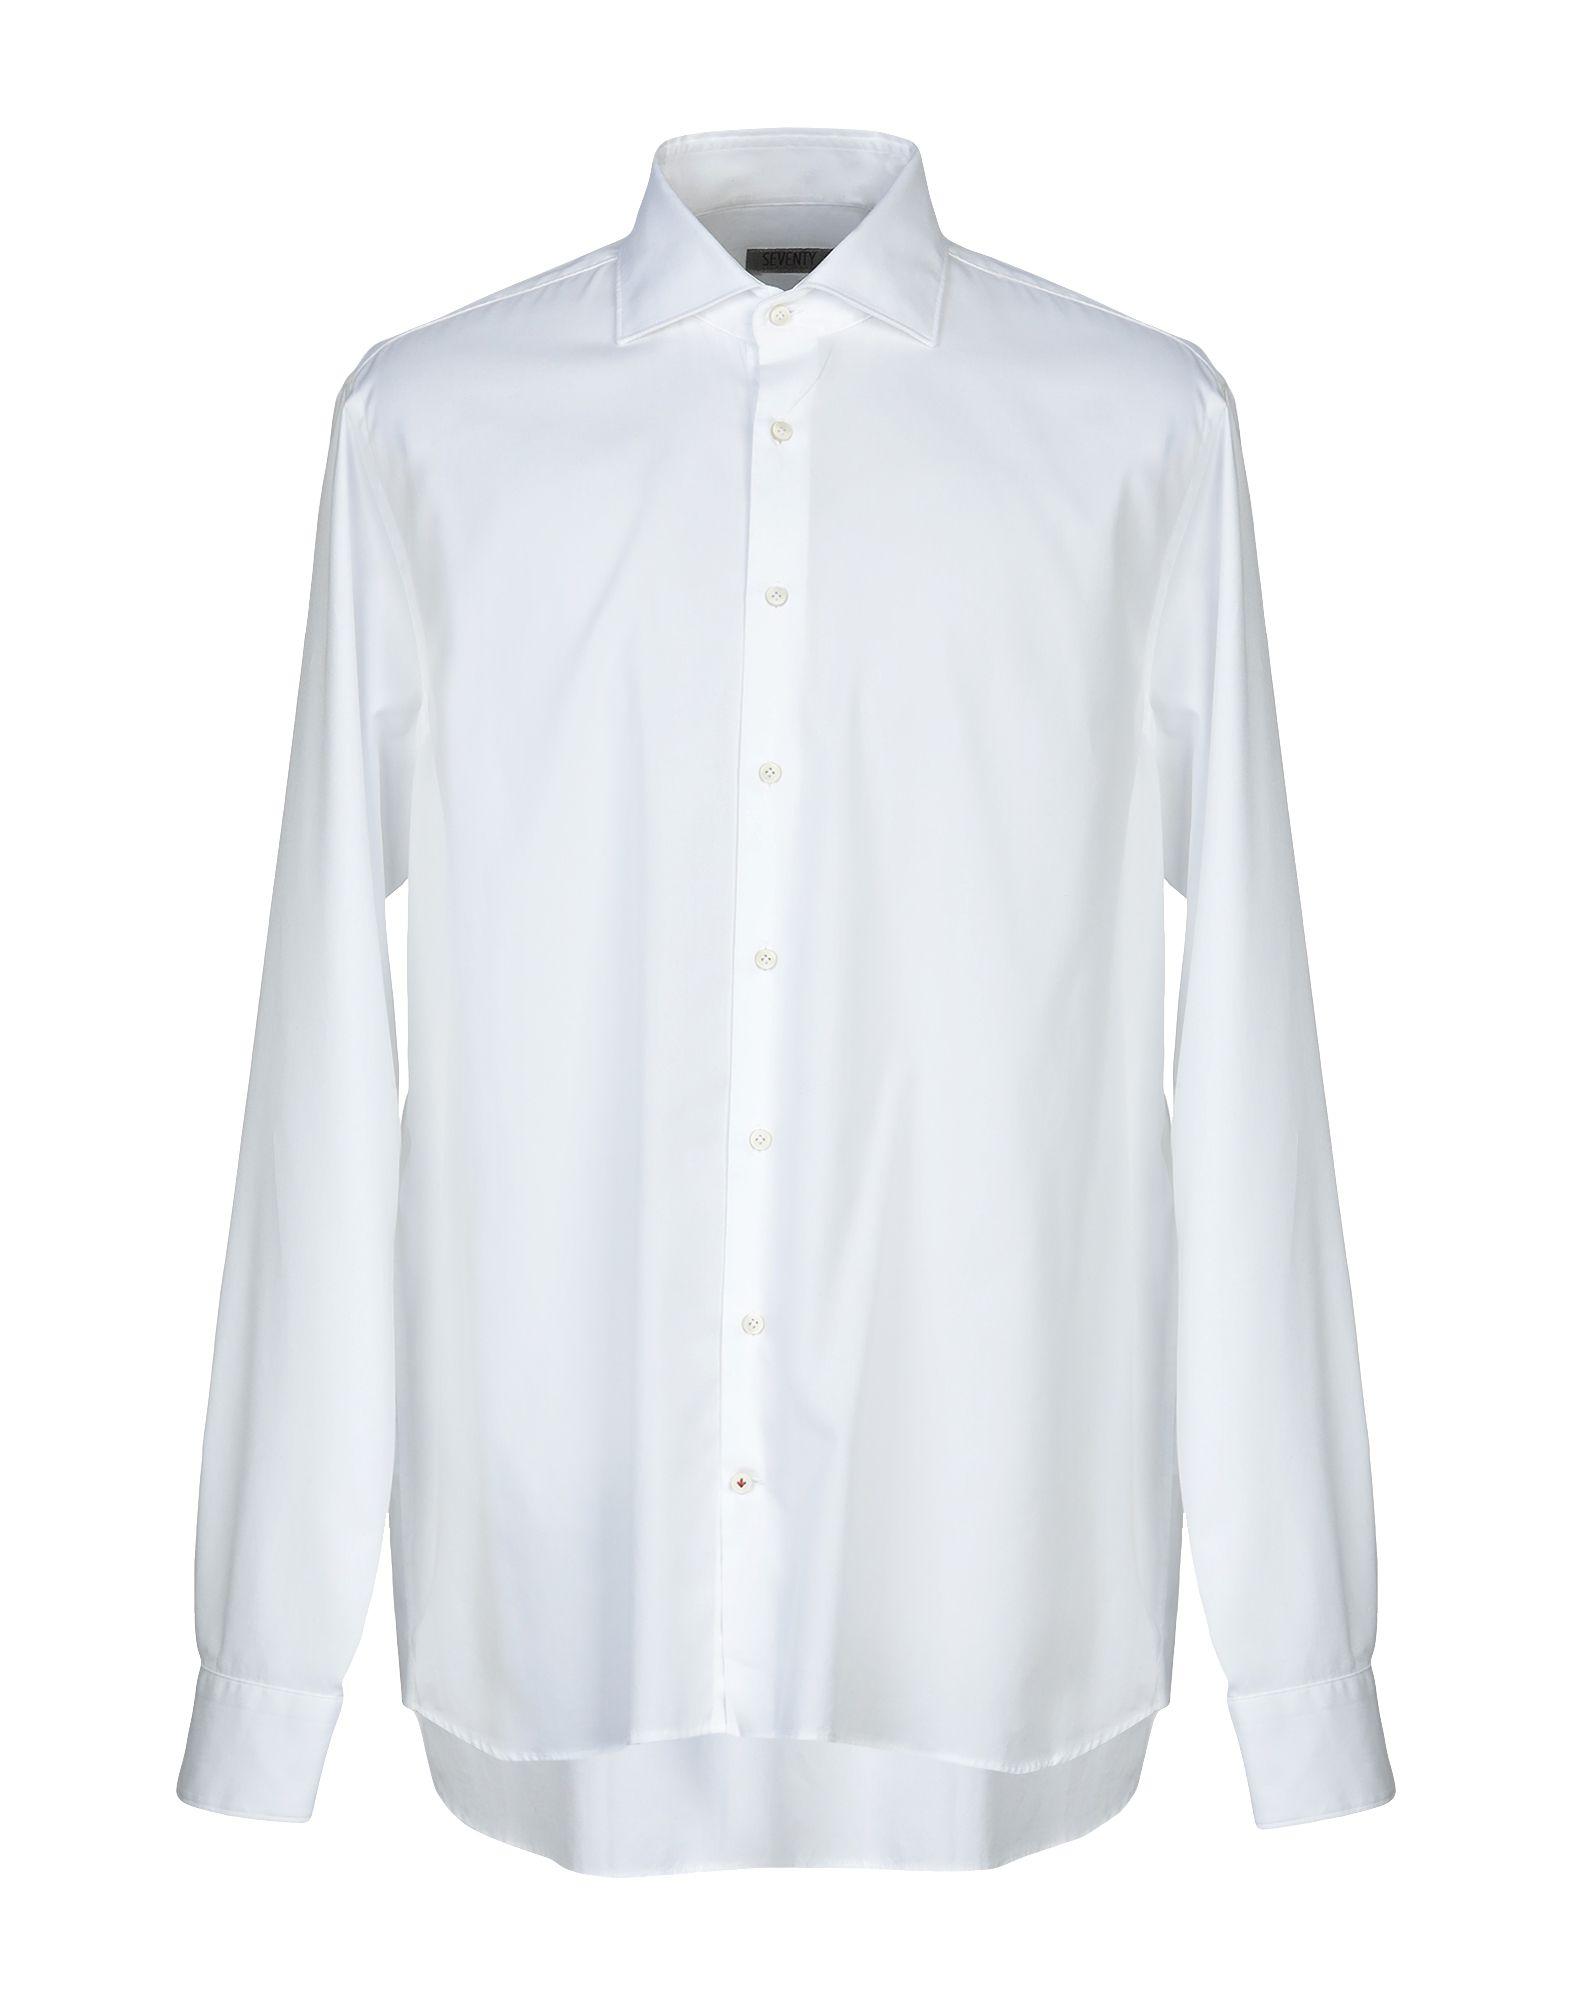 《送料無料》SEVENTY SERGIO TEGON メンズ シャツ ホワイト 39 コットン 100%